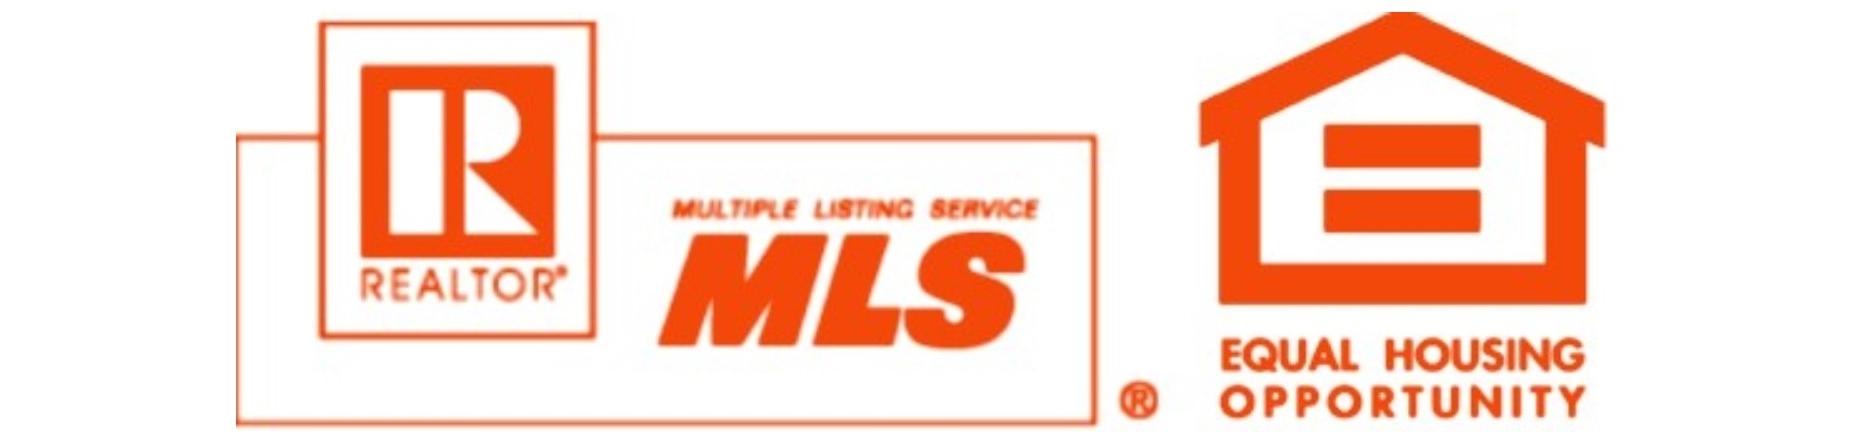 Logo MLS Orange for Broker of Miami.jpg